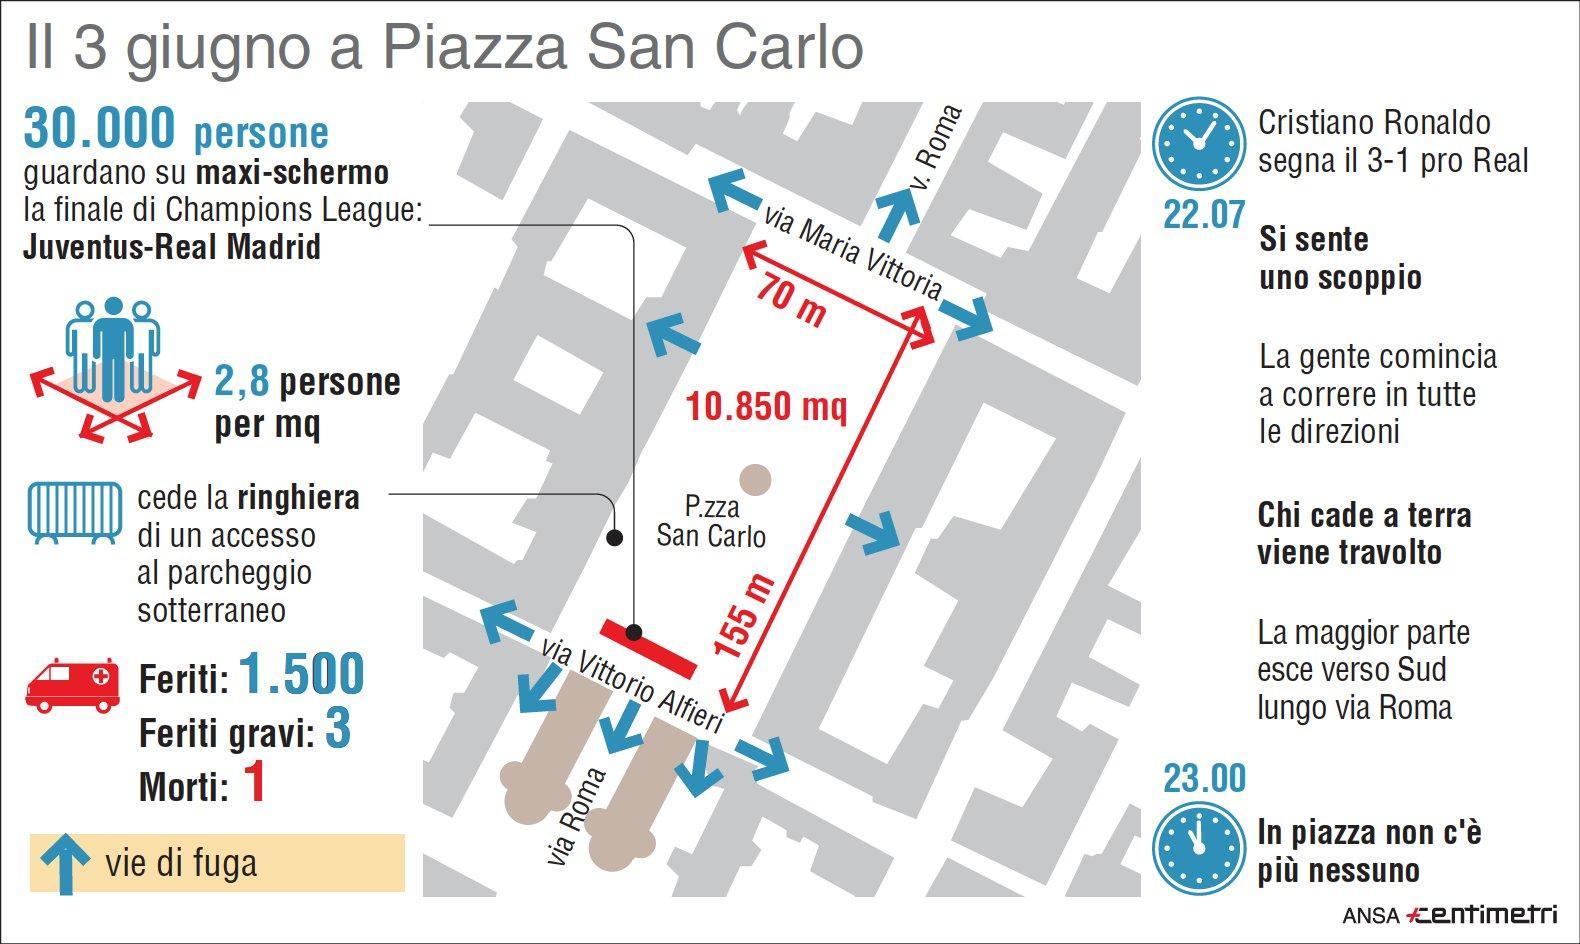 Caos in piazza San Carlo a Torino, indagati gli organizzatori